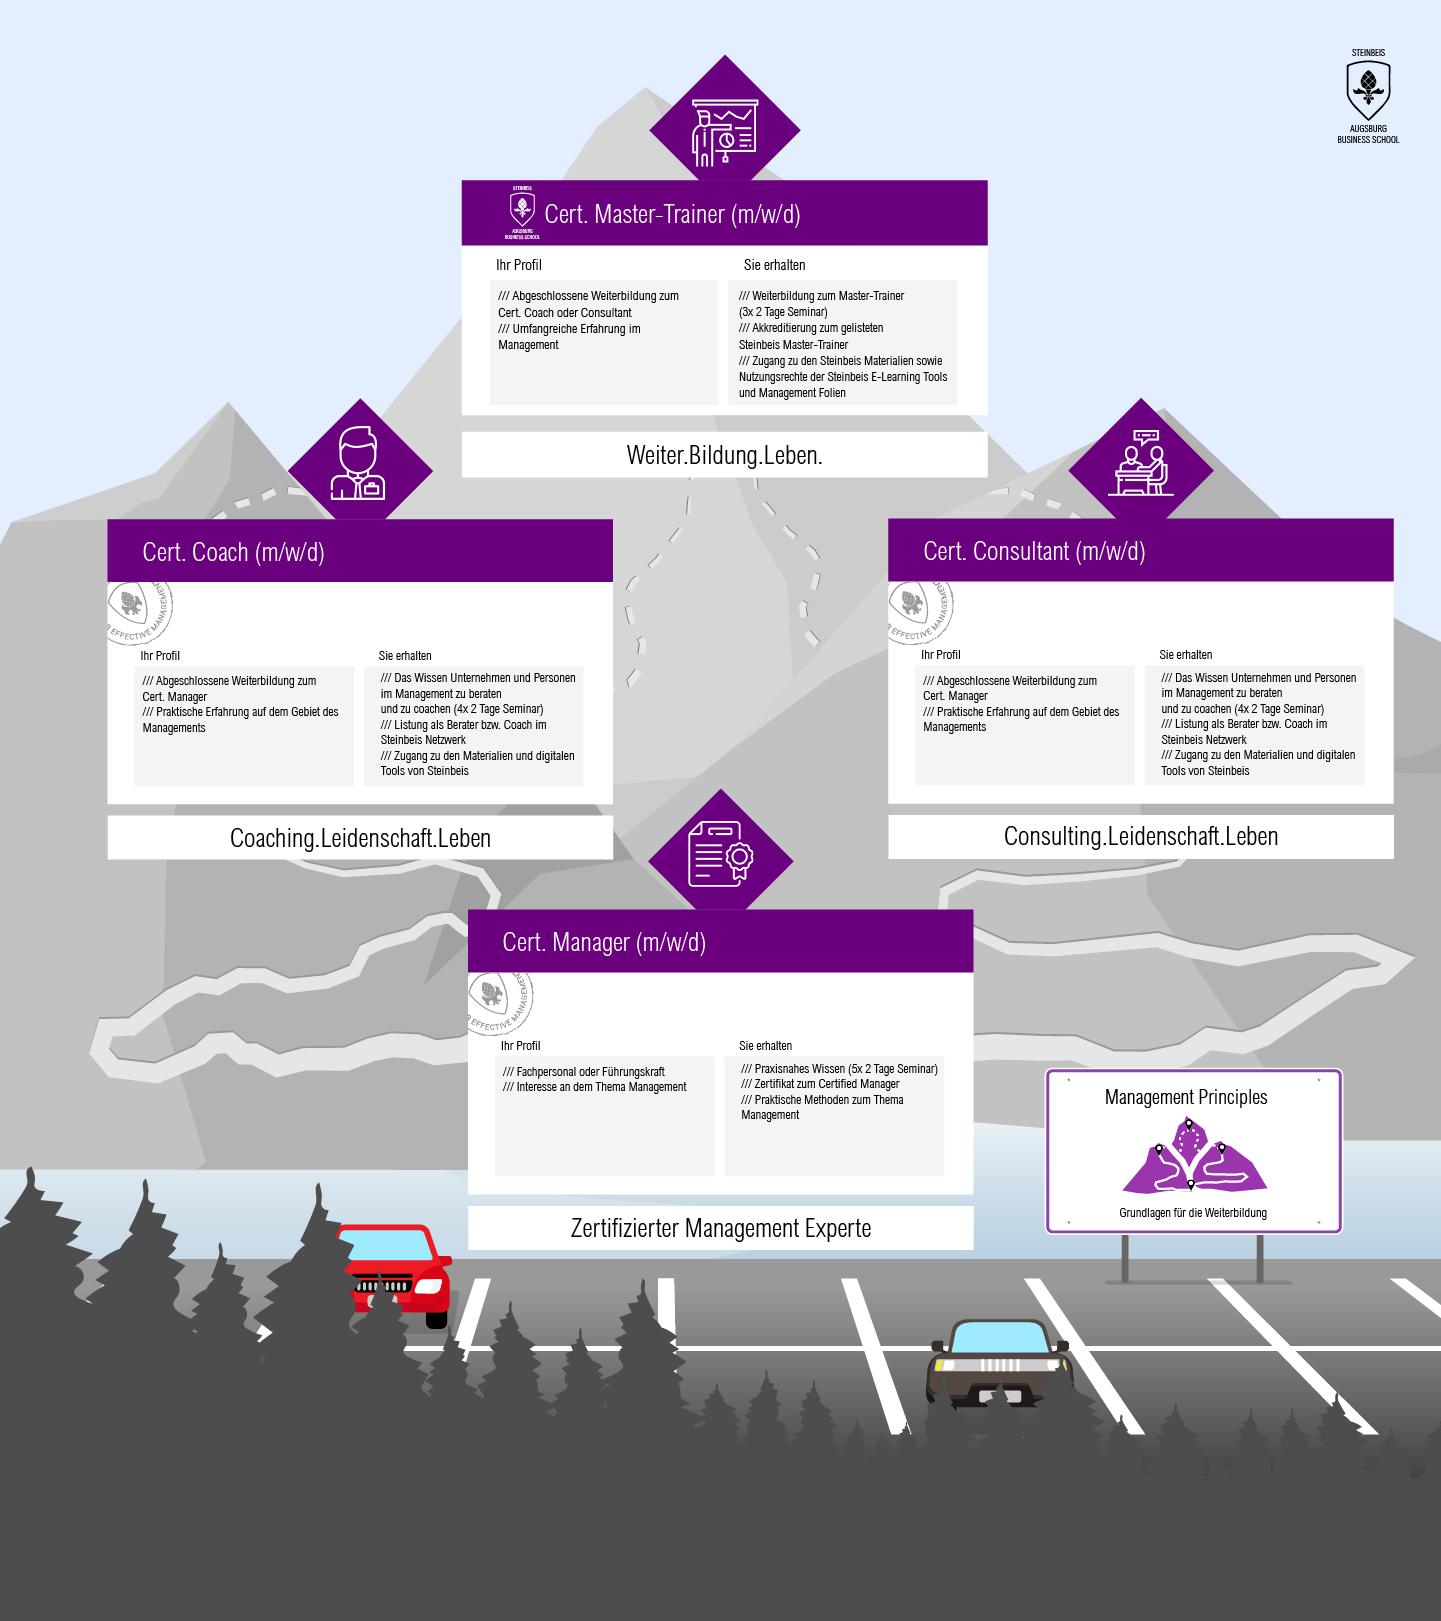 Das Steinbeisakkreditierungsprogramm